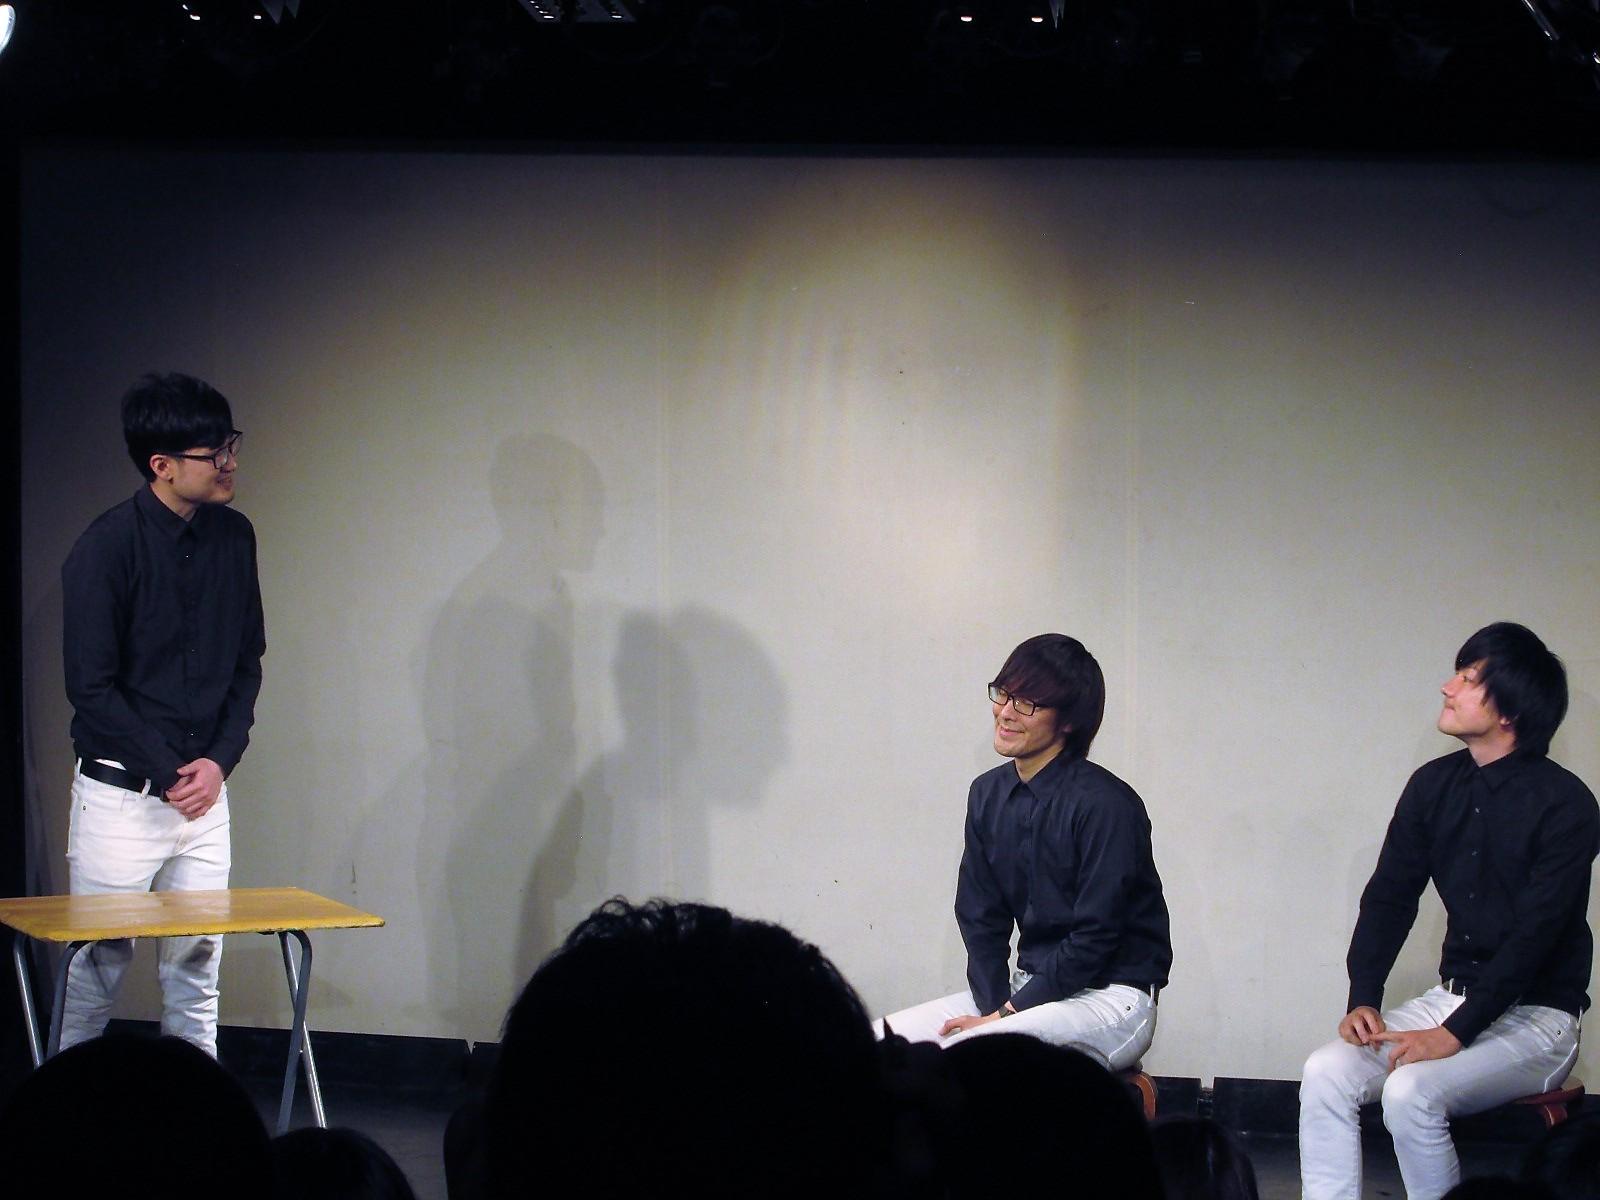 浅井企画 お知らせ・スケジュール: 浅井企画若手芸人トーナメント「D-1 2016」優勝は『ニュークレープ』!